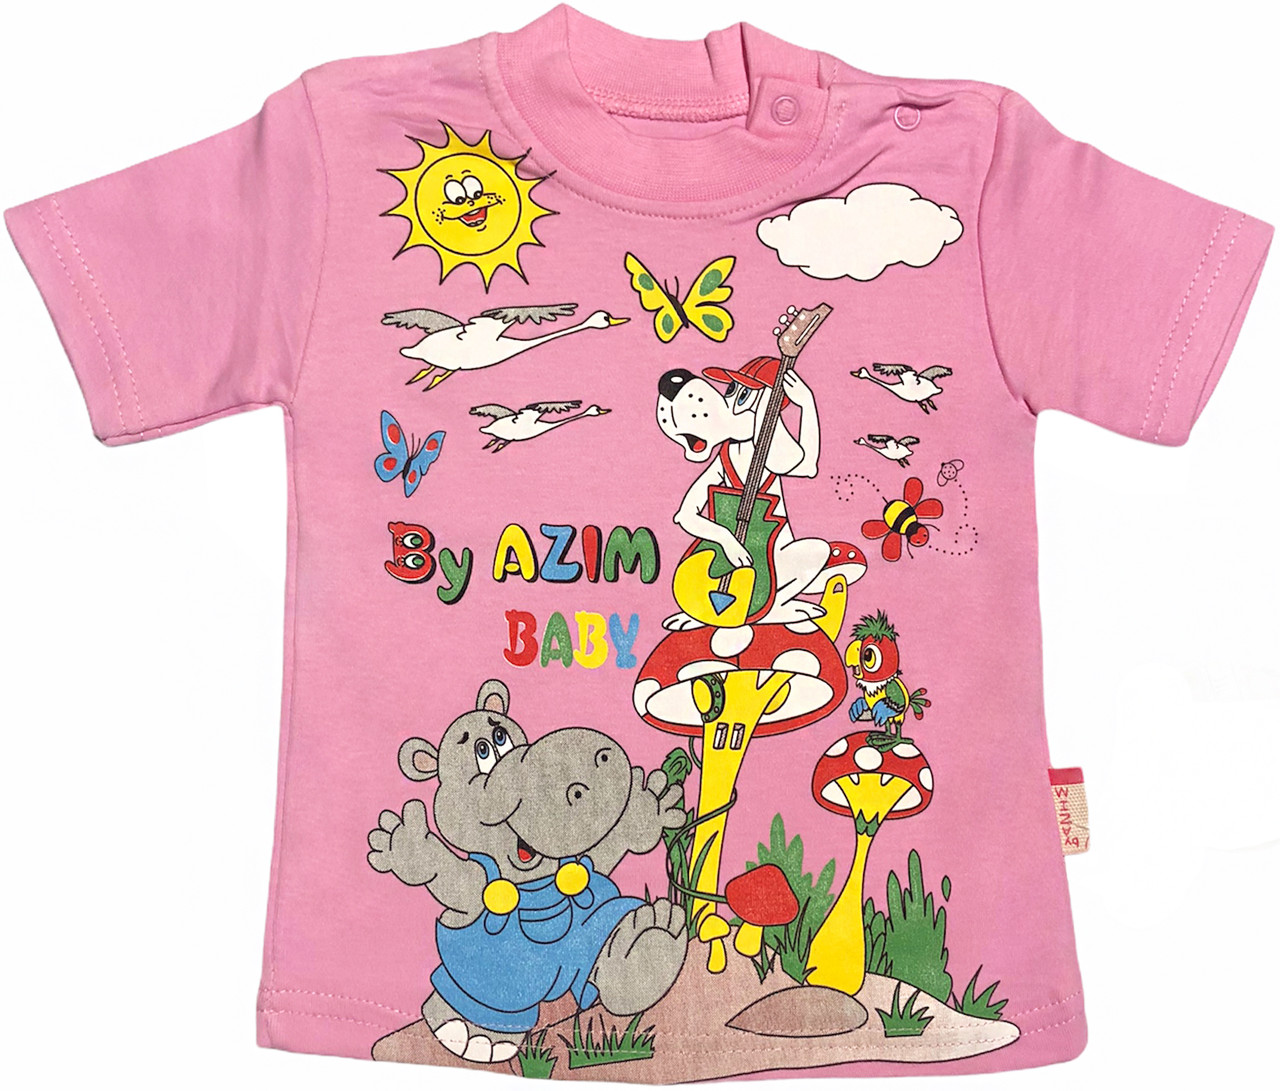 Детская футболка на девочку рост 98 2-3 года для малышей с принтом красивая летняя хлопок трикотаж розовая